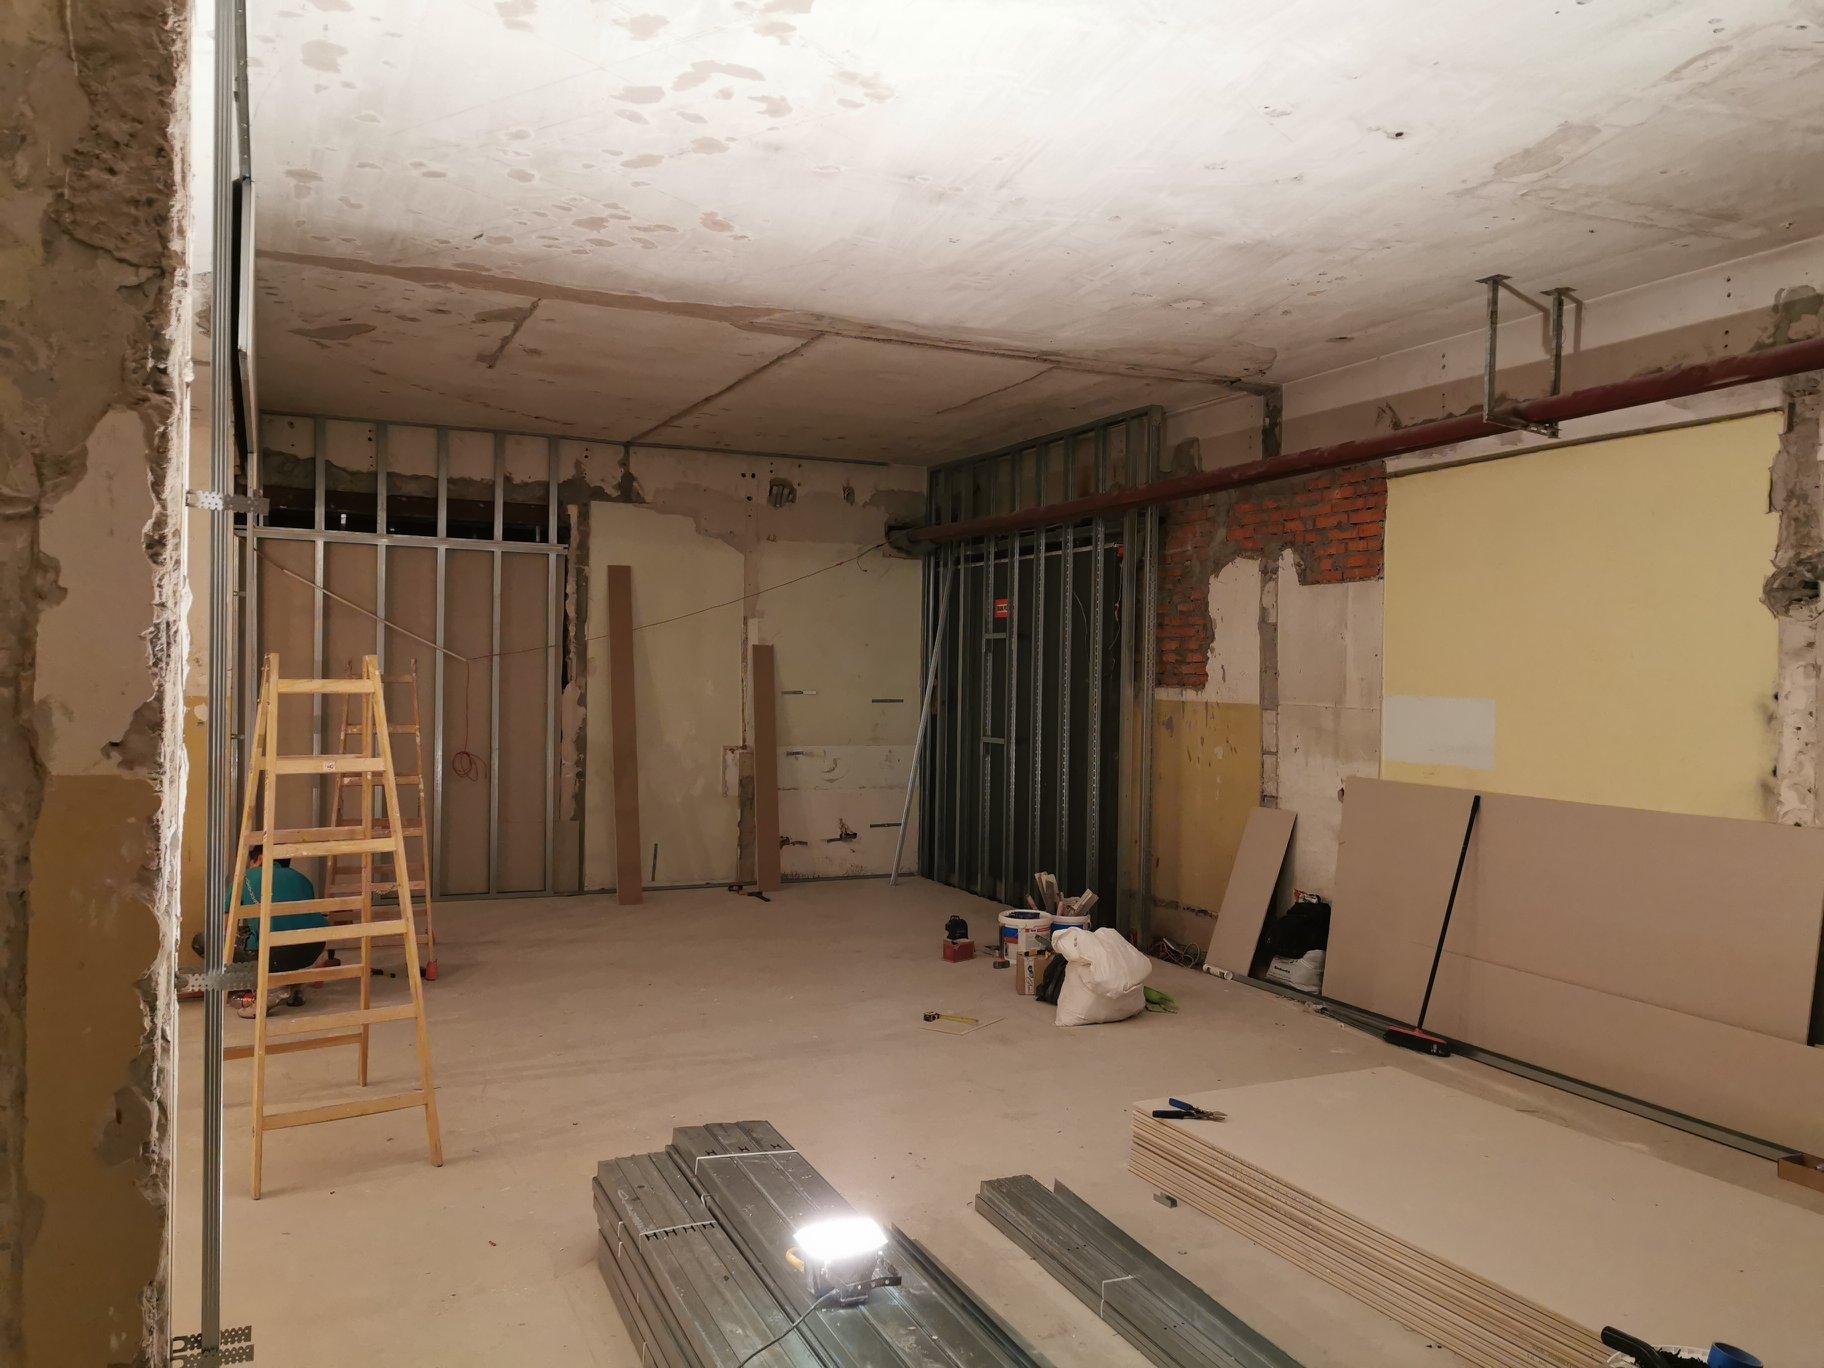 Salon Comfort Plus Podłogi Drzwi Tarasy Drewniane w DOMAR - wykonanie ścian z GK, sufit podwieszany, ściany ozdobne, malowanie, elektryka